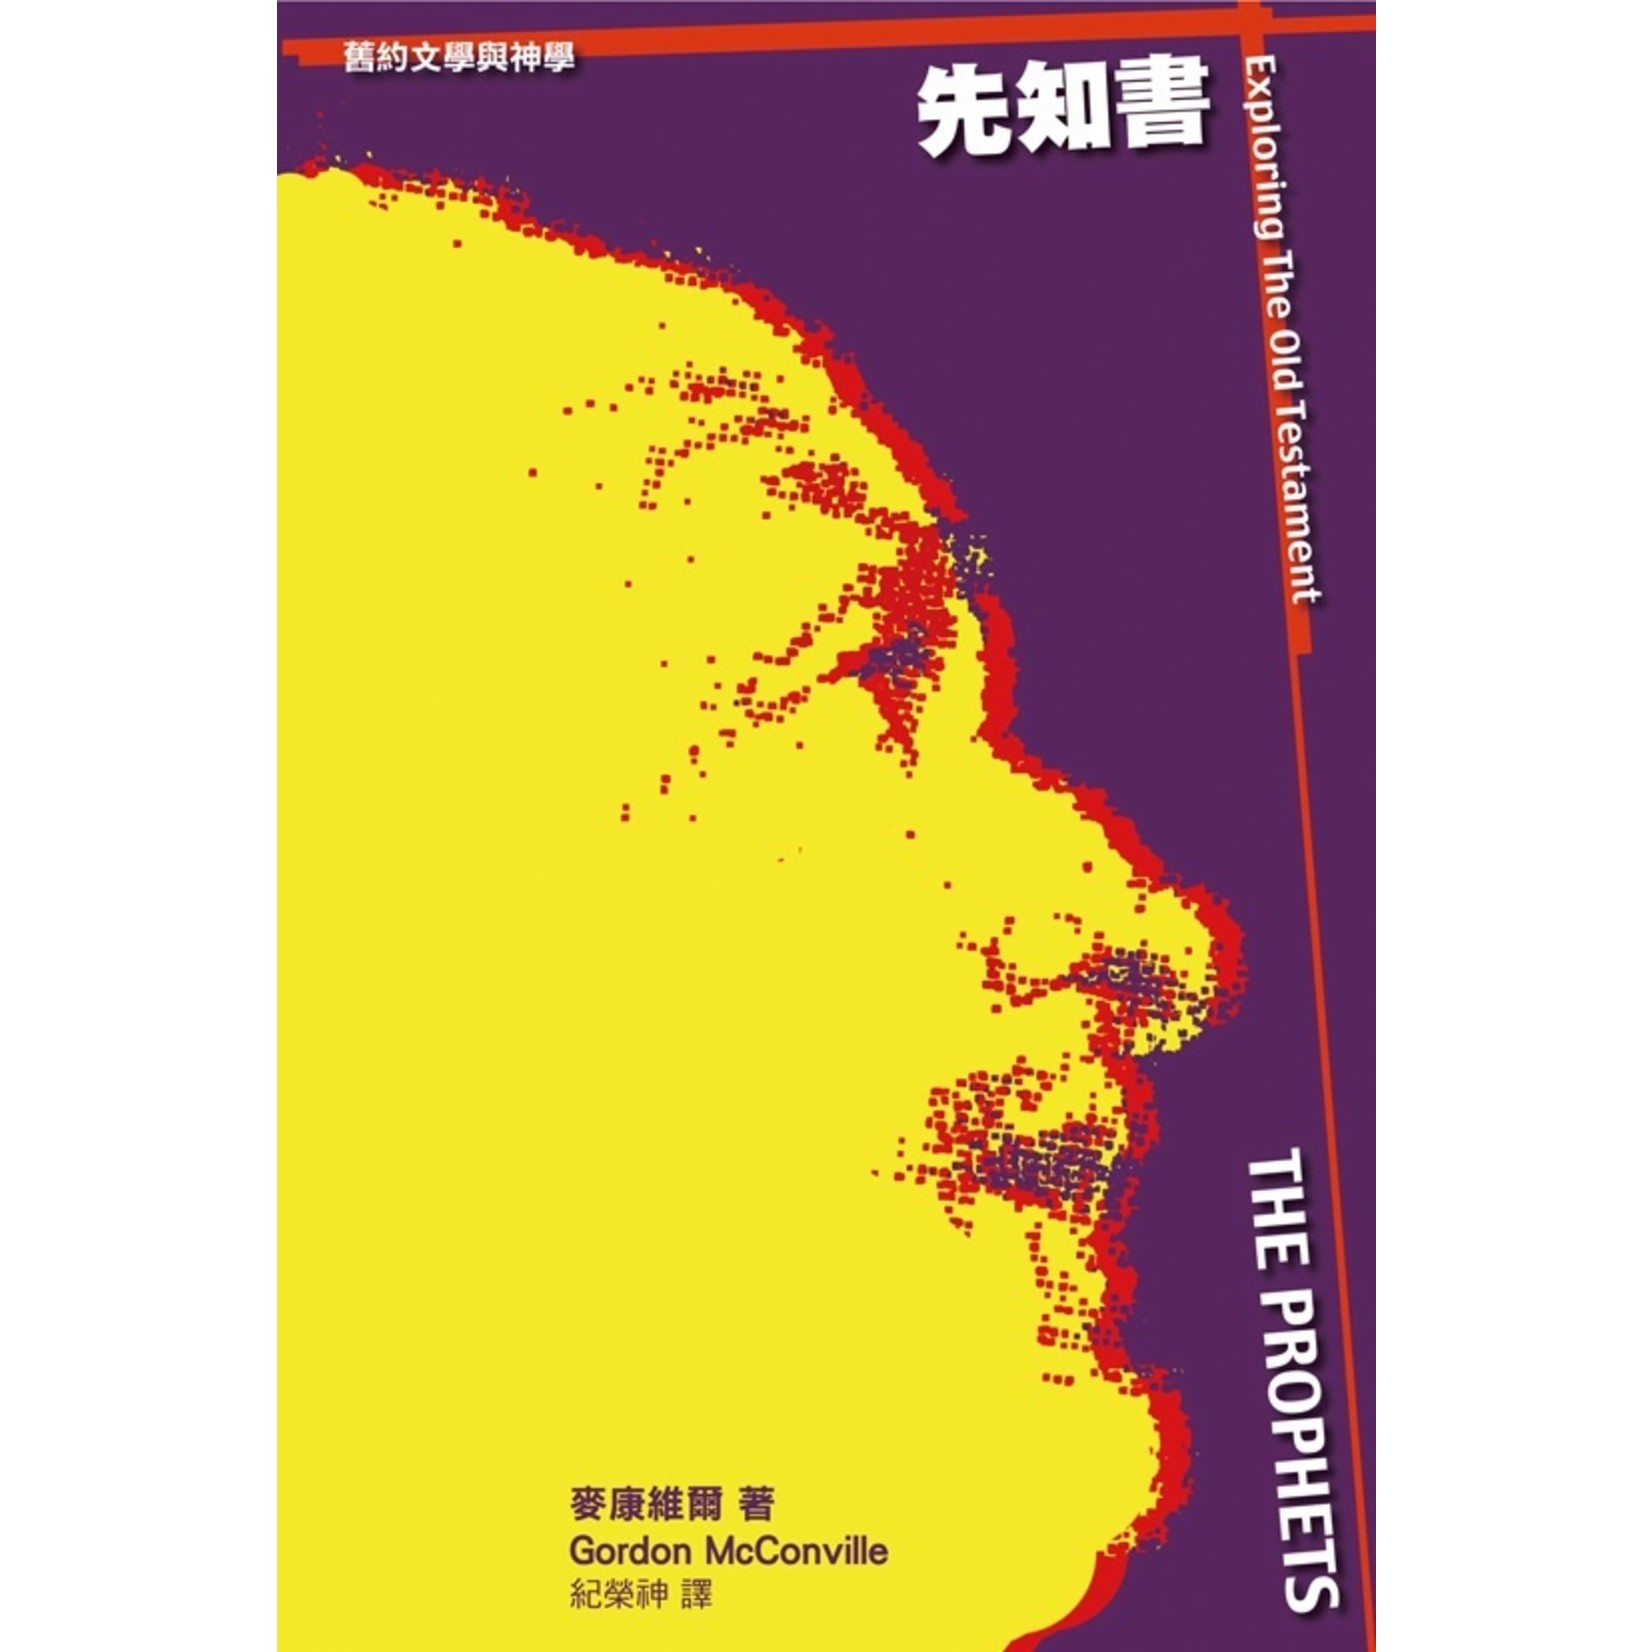 天道書樓 Tien Dao Publishing House 舊約文學與神學:先知書 Exploring the Old Testament: The Prophets